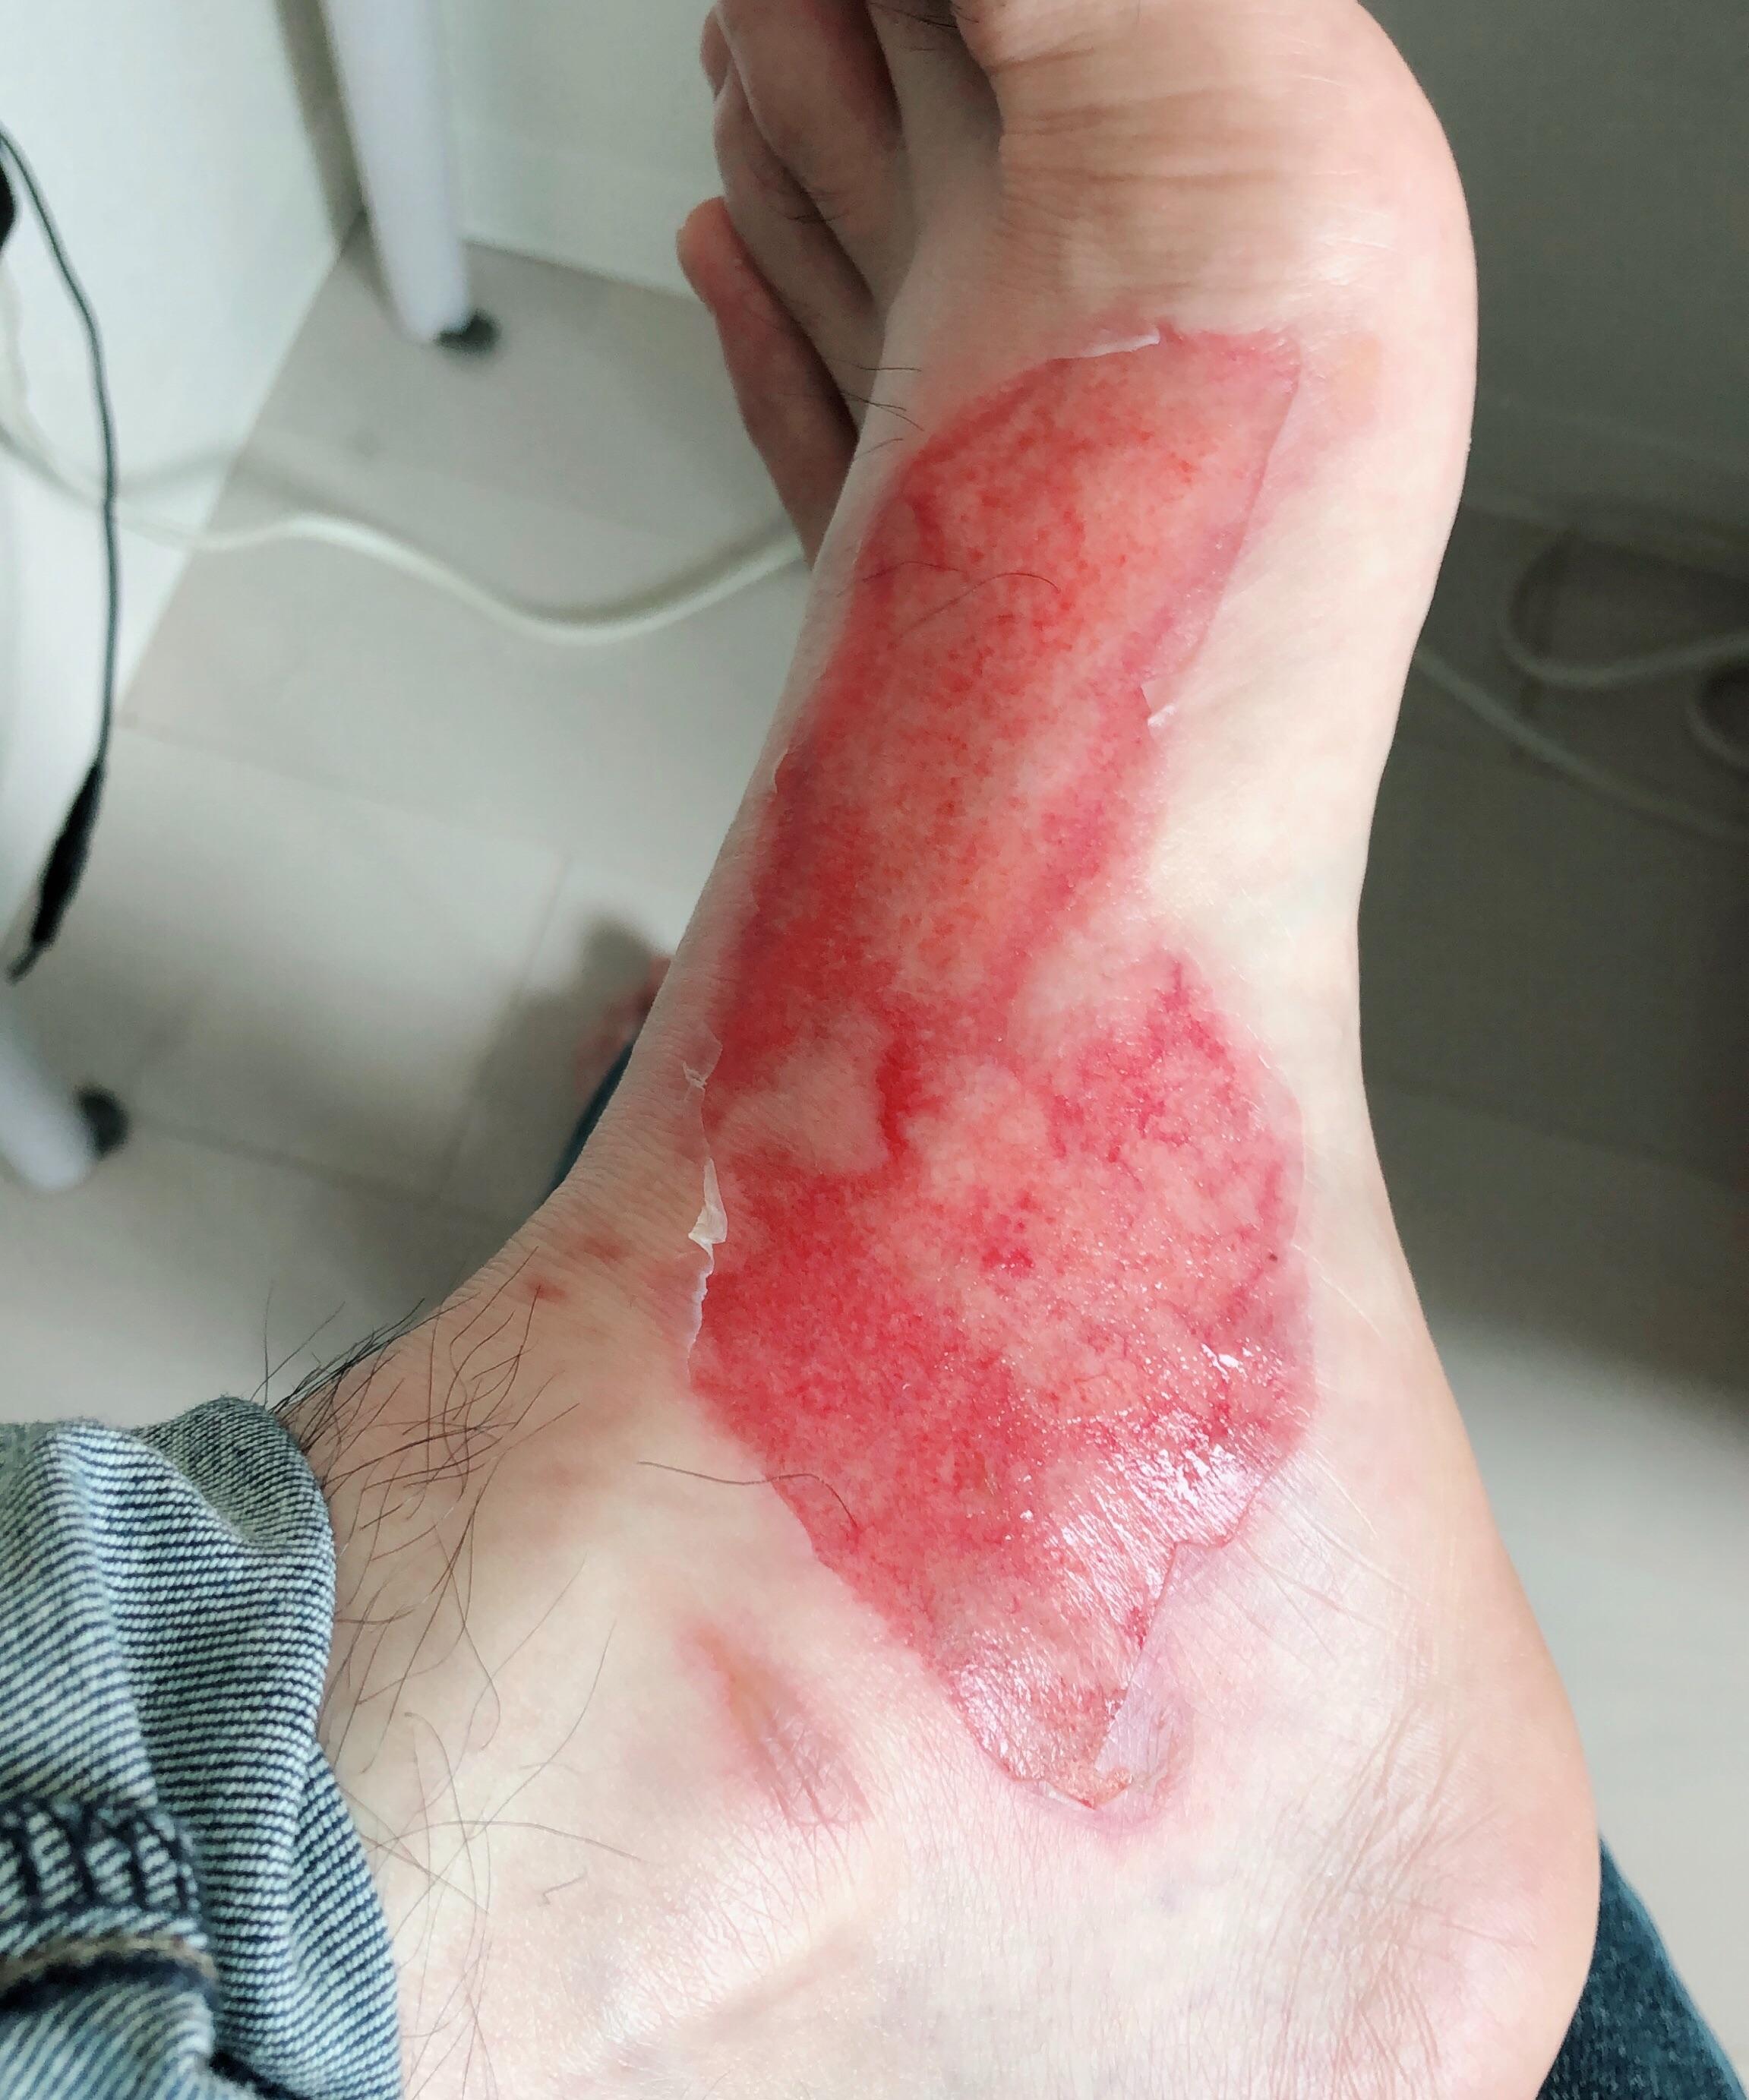 足の火傷4日目